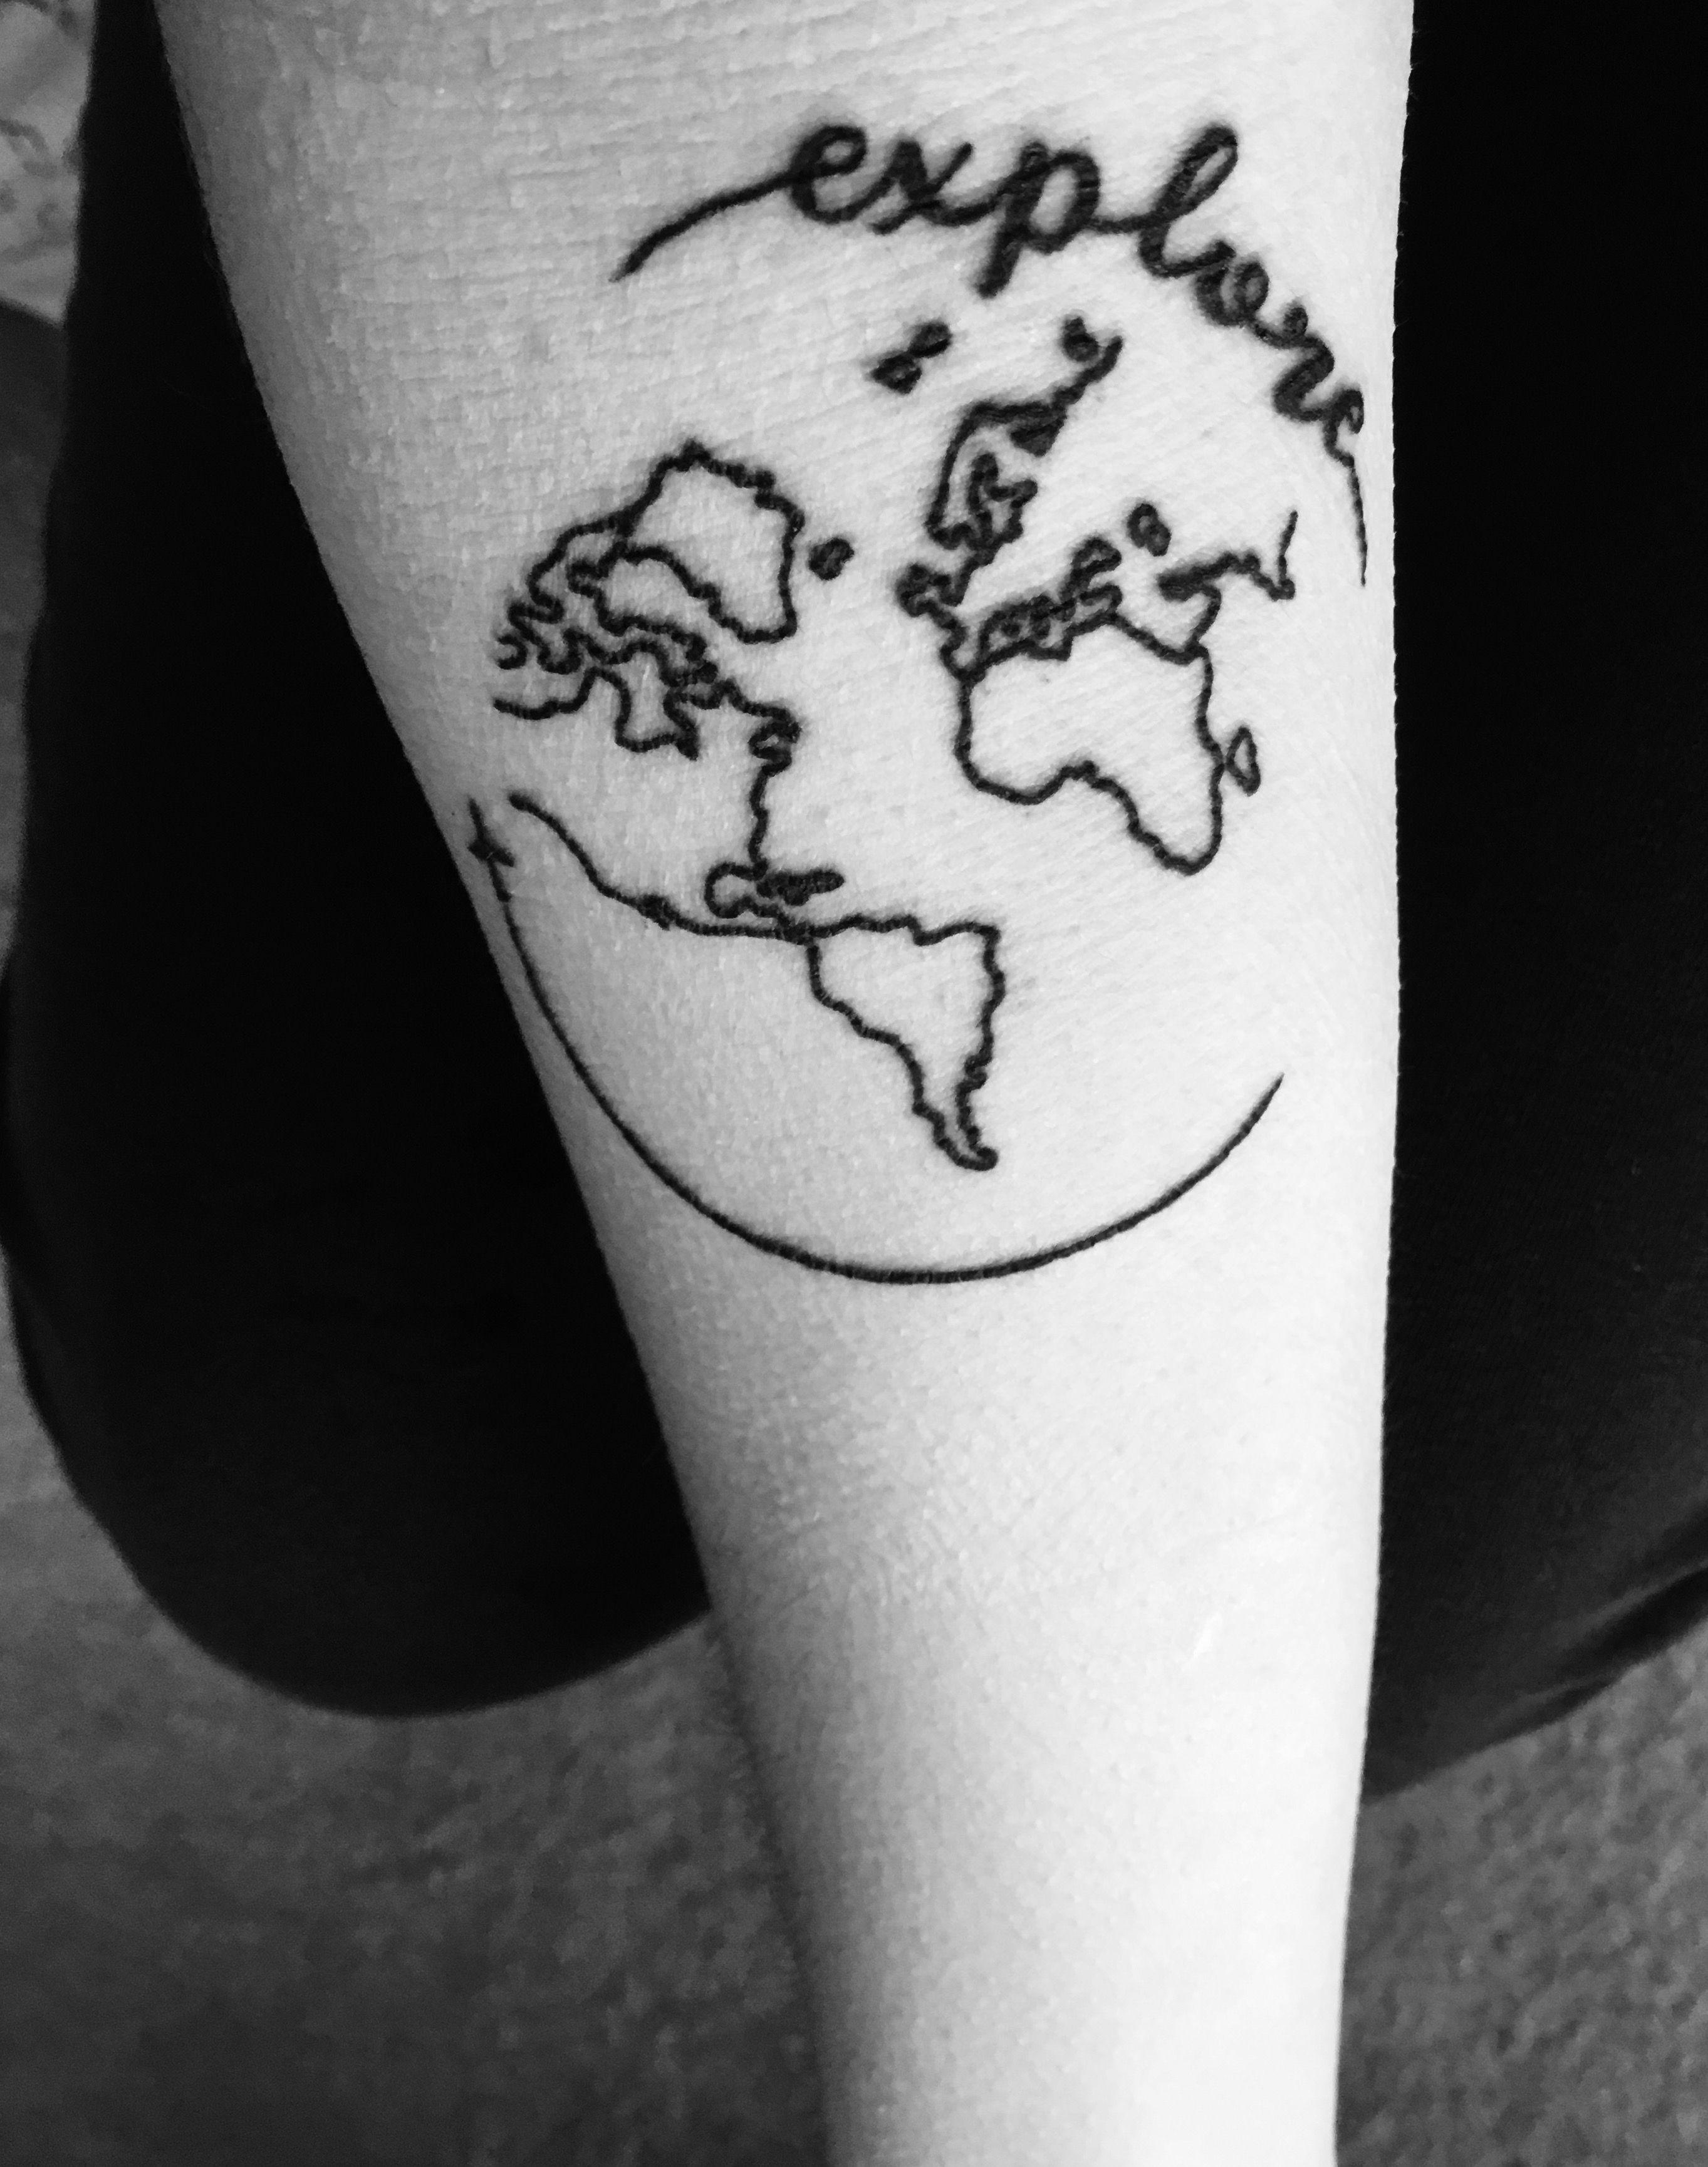 World Tattoo Small: Small World Tattoo! #travel #explore #tattoo #world